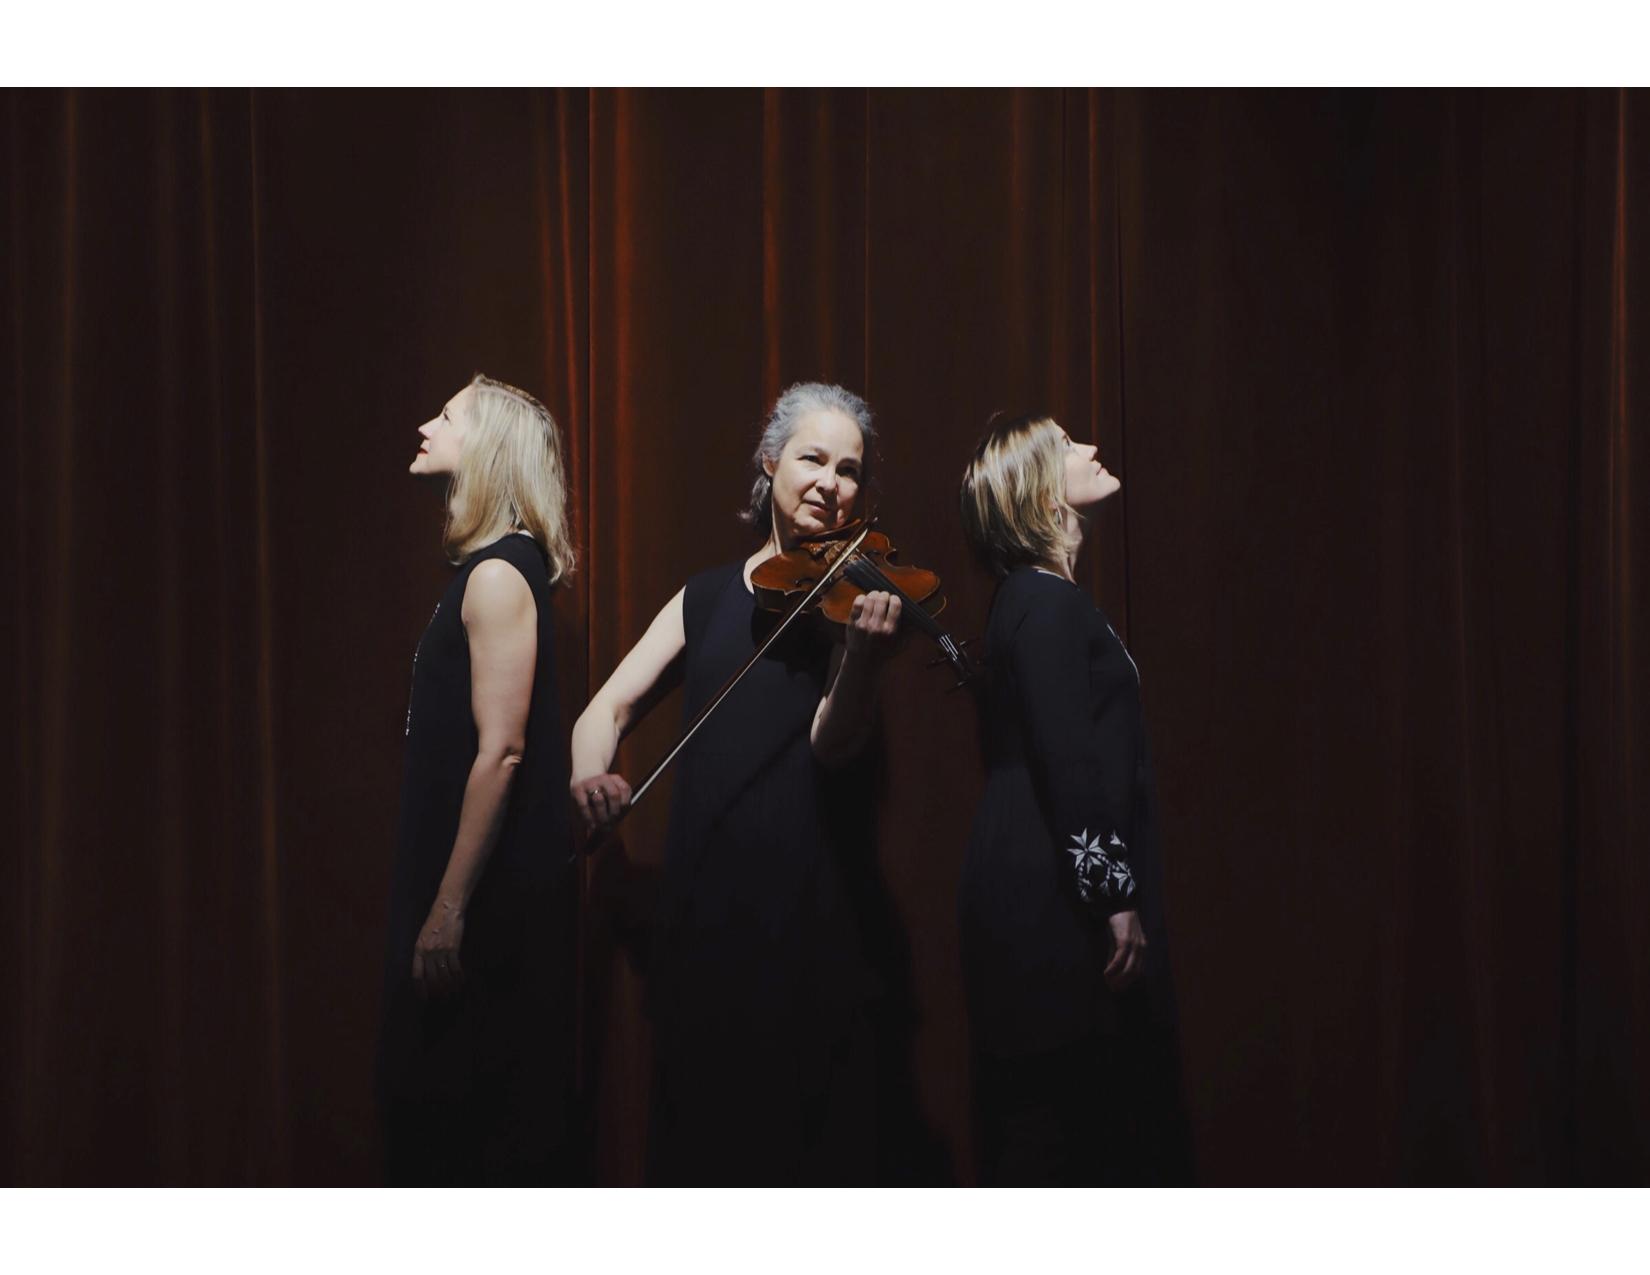 The Blithewood Ensemble: Teresa Buchholz, voice, Erika Switzer, piano, and Marka Gustavsson, viola